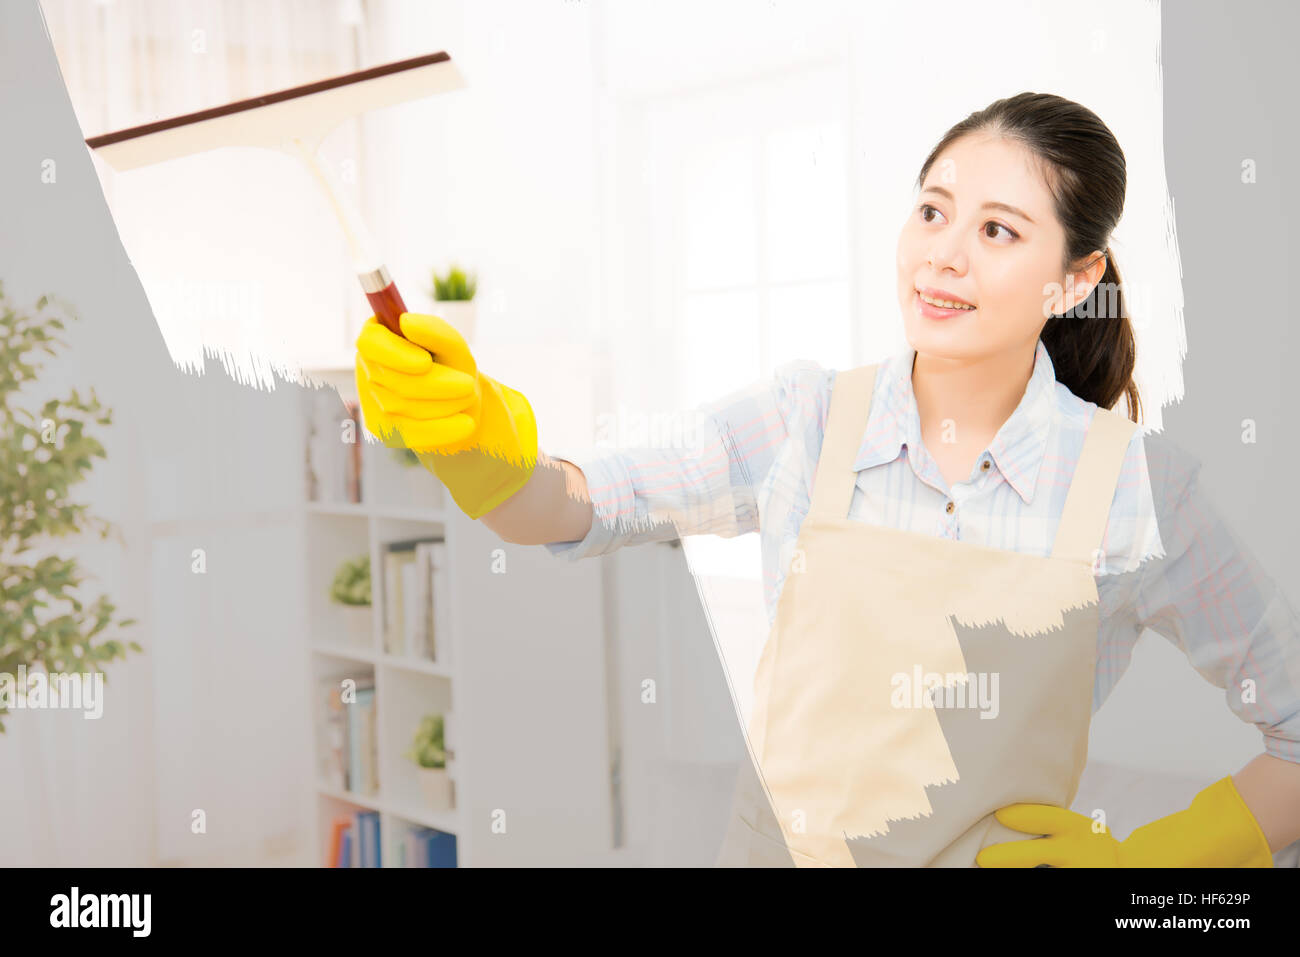 Attraktiv Fenster Reinigen Sammlung Von Glückliche Frau In Handschuhen Mit Lsuperben Zu